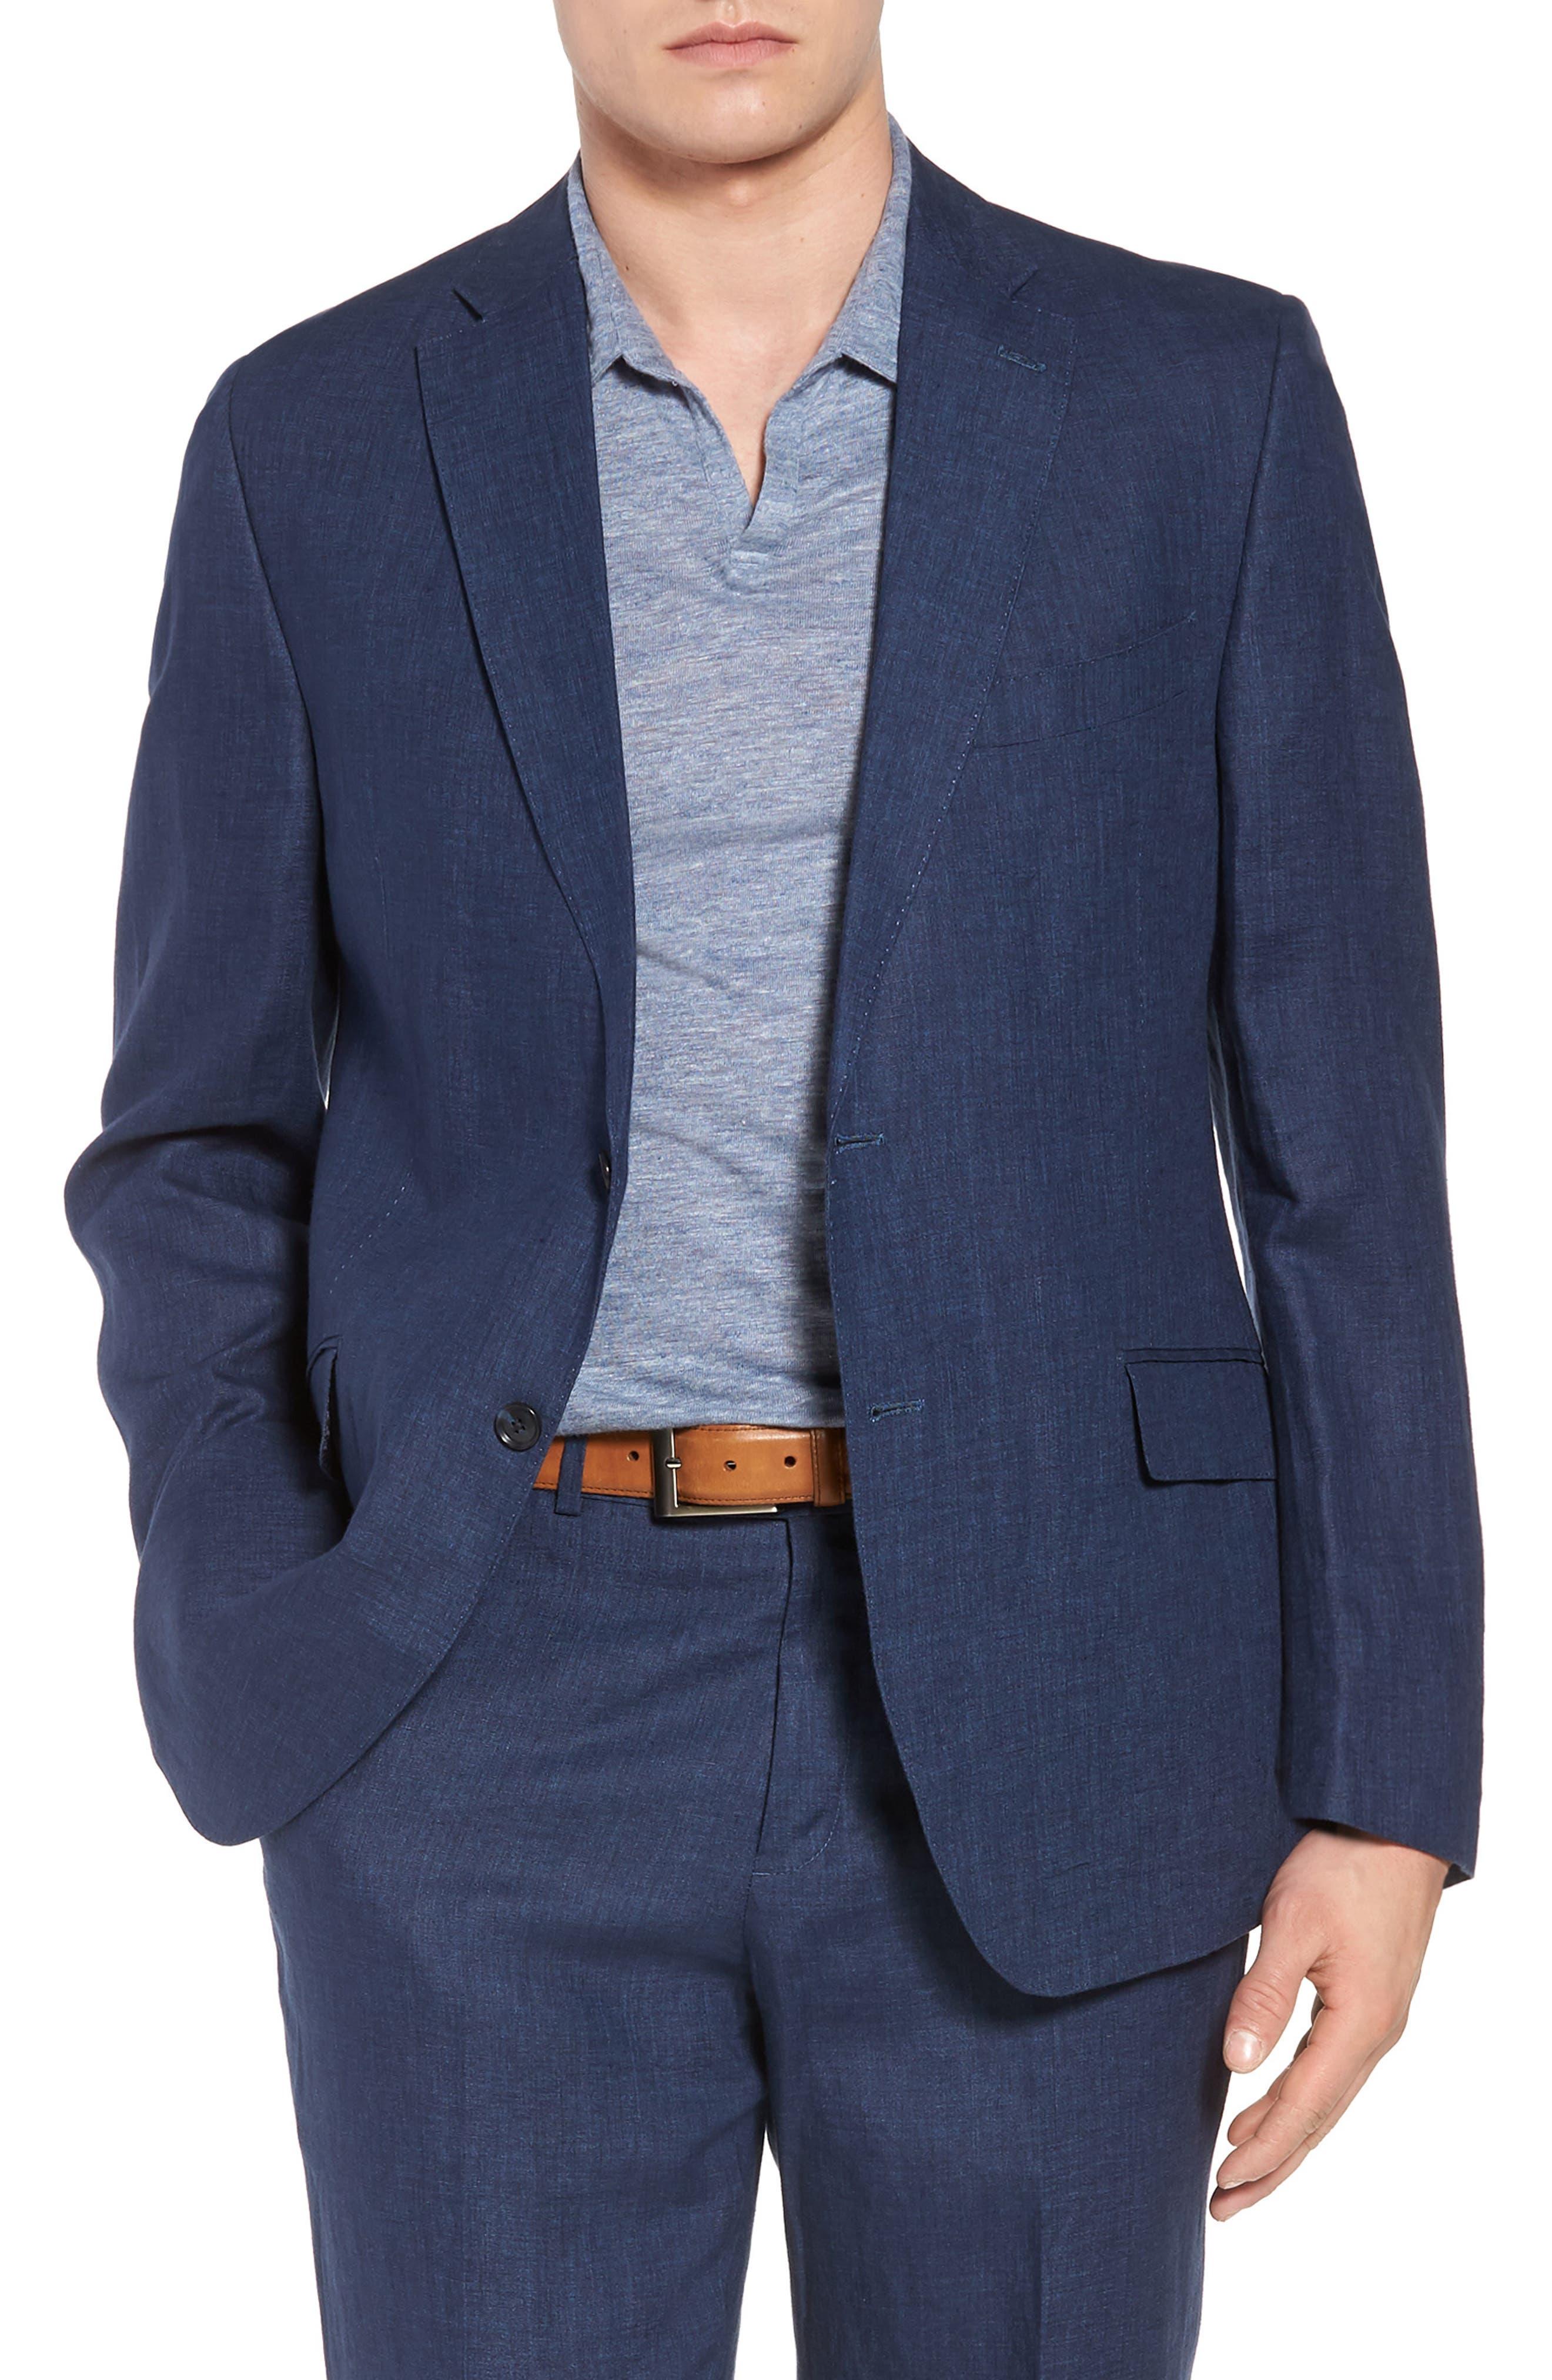 Jack AIM Classic Fit Linen Blazer,                         Main,                         color, NAVY